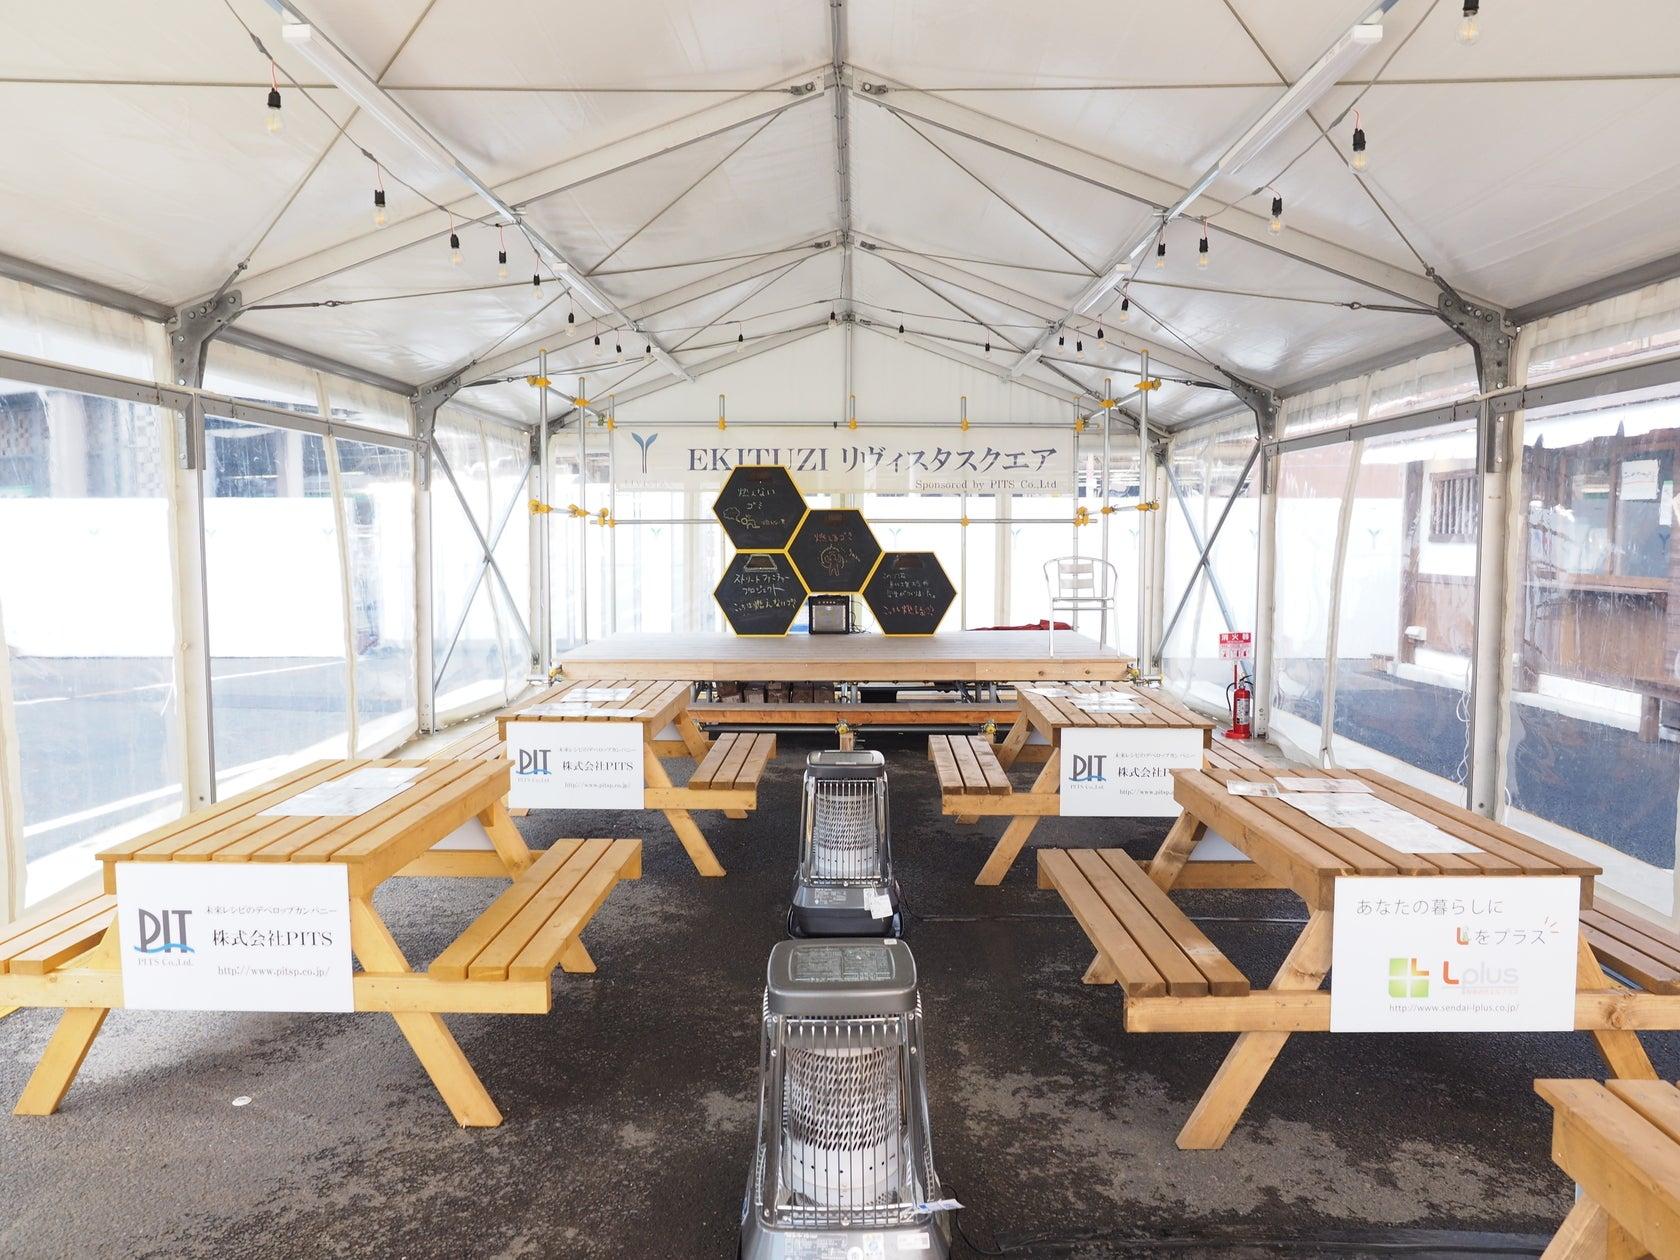 【2018秋~3月末】【EKITUZI】仙台駅徒歩0分 ステージ/電源つき 屋根付き屋外イベントスペース